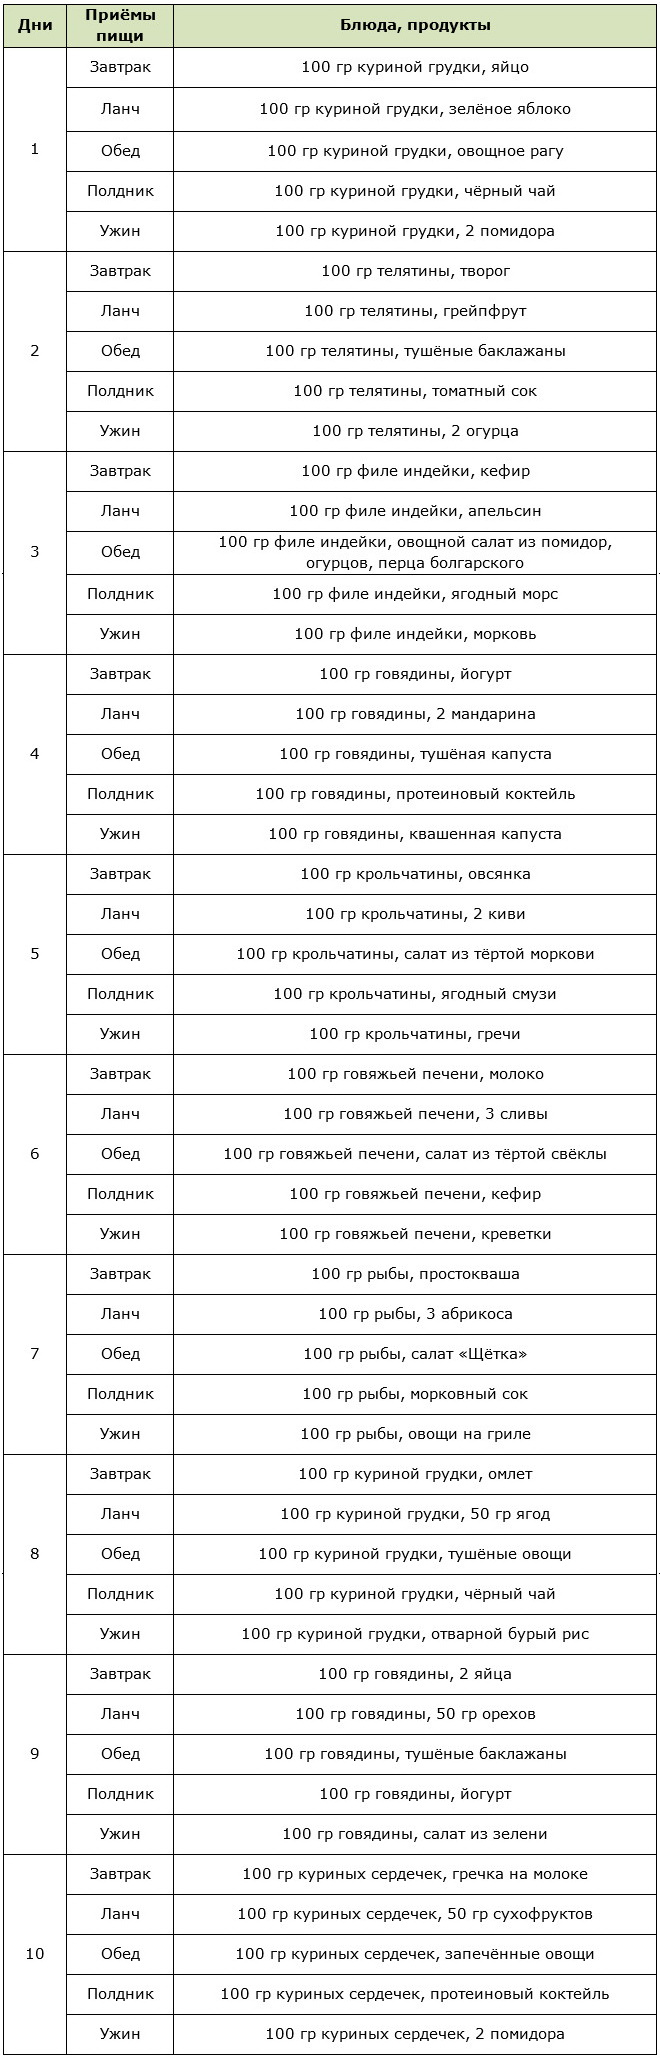 Примерное меню мясной диеты на 10 дней